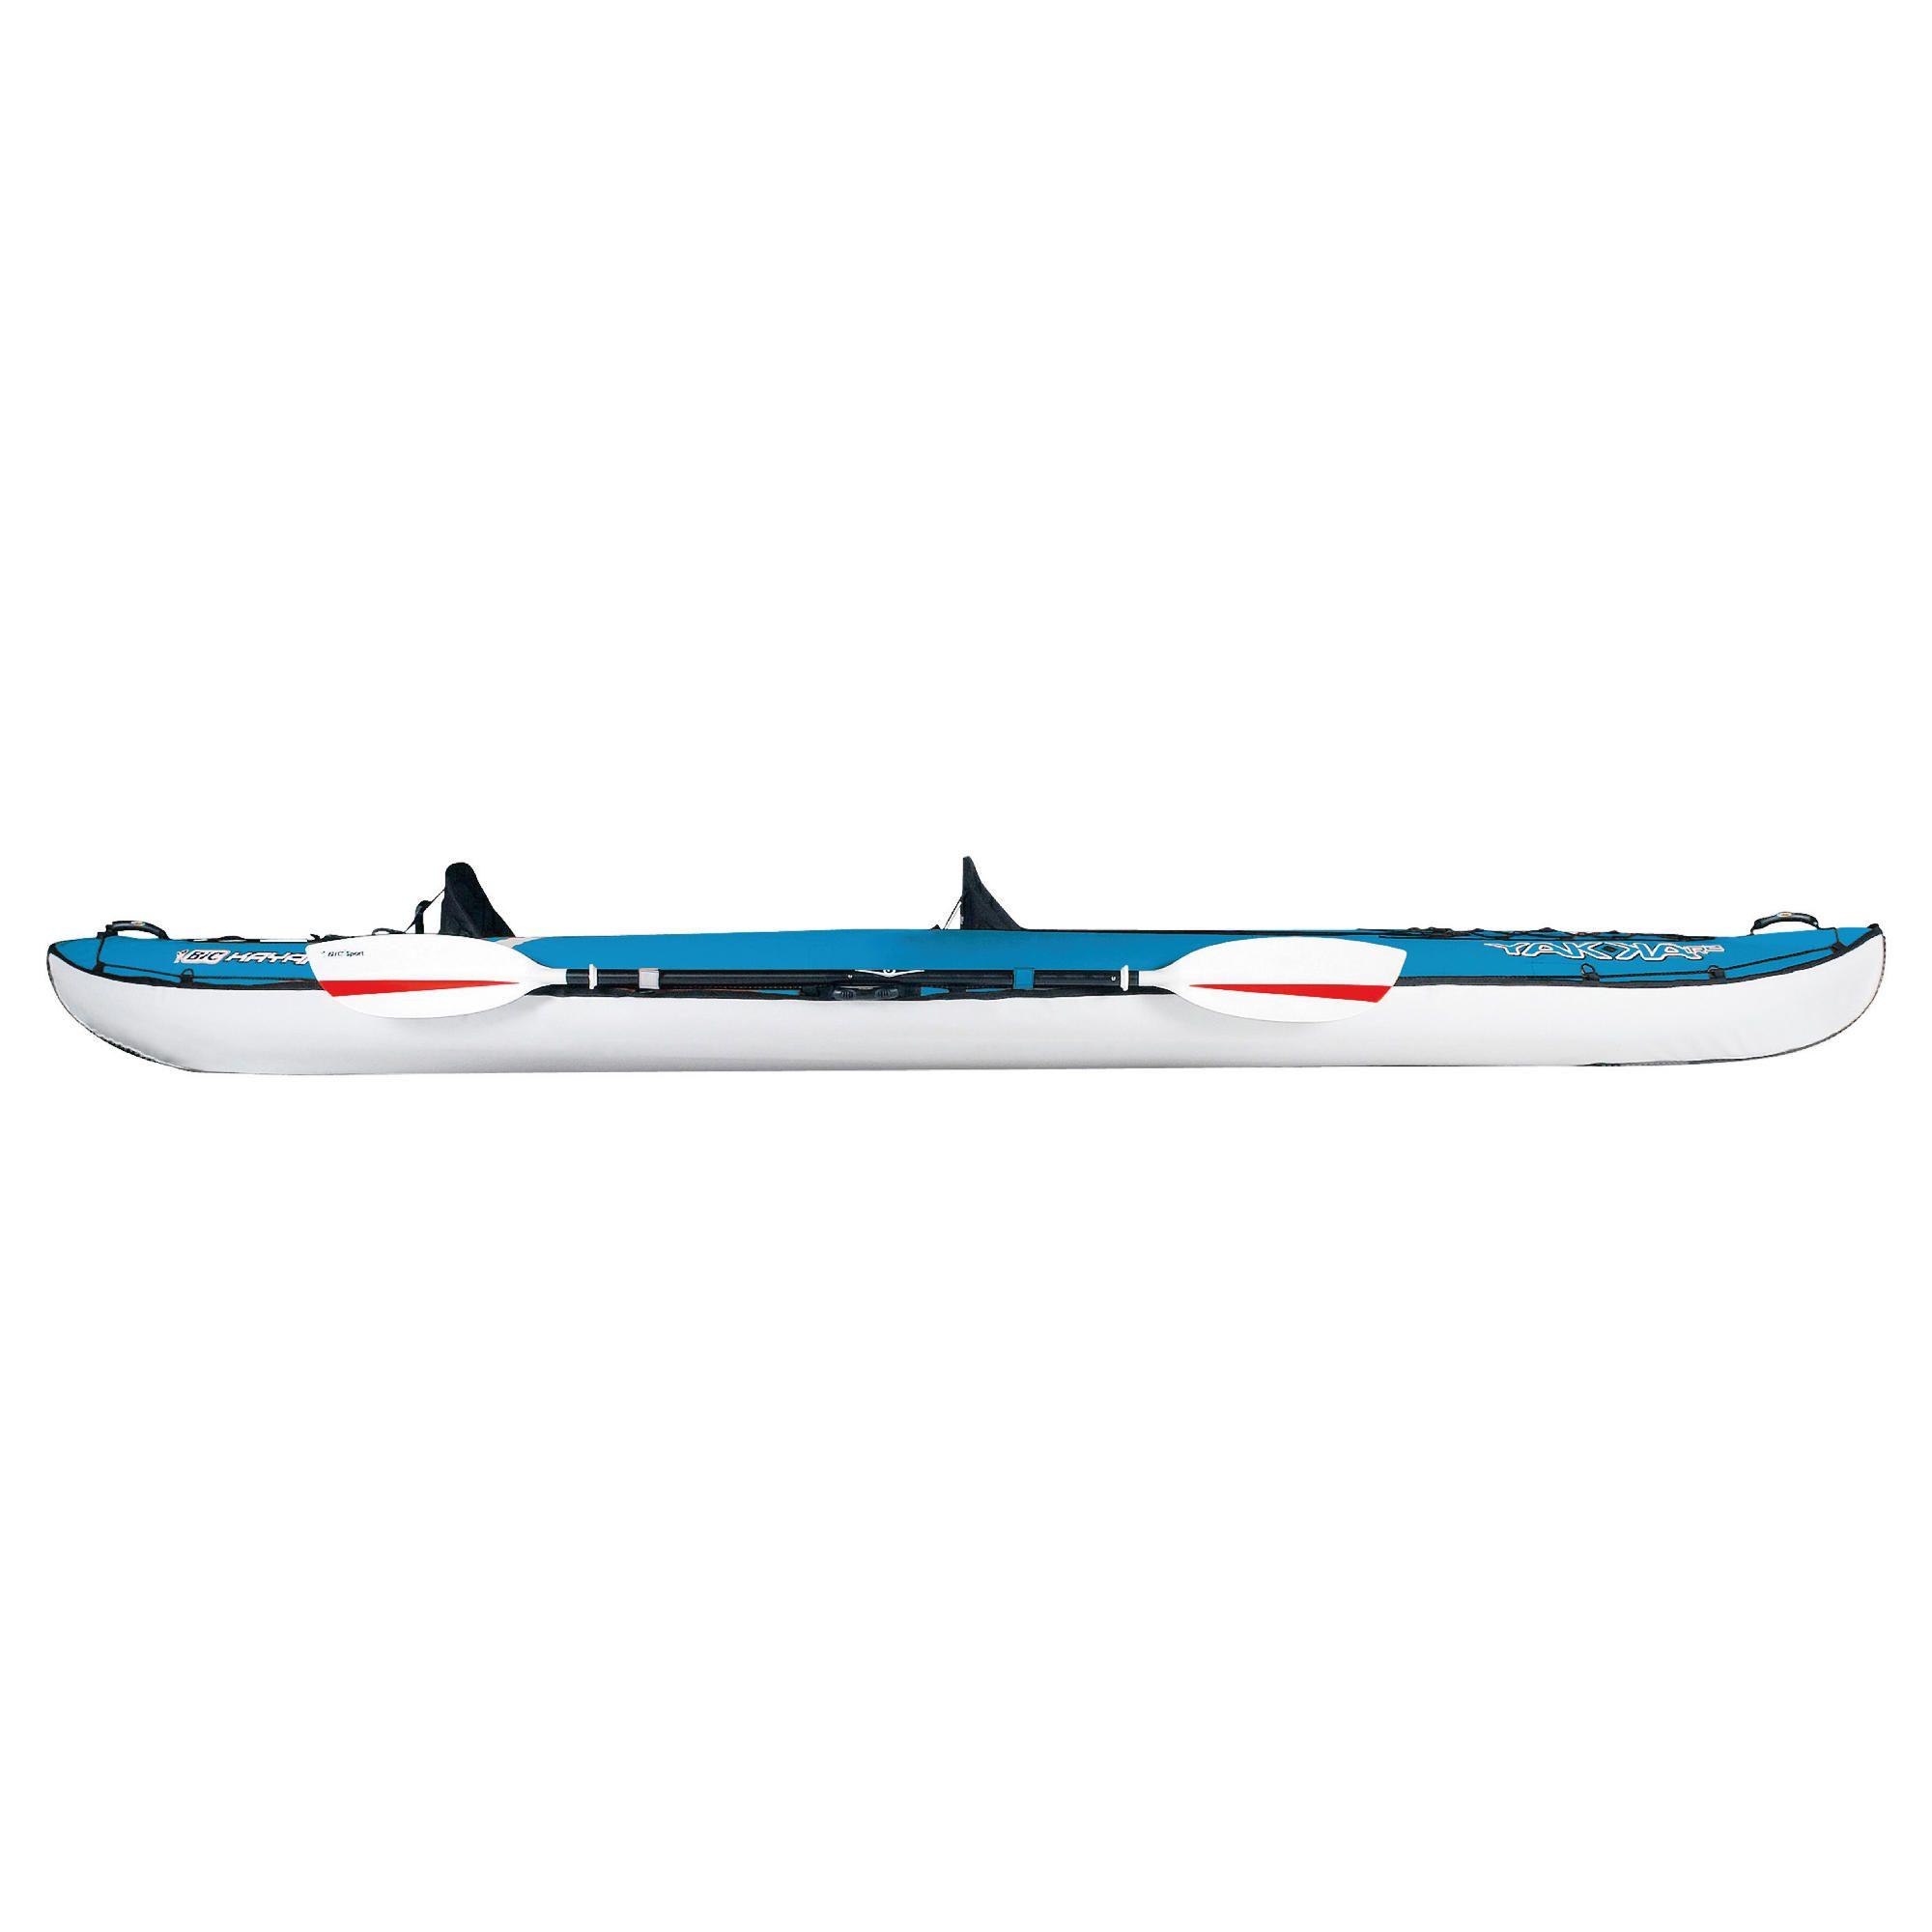 Bic Yakkair Lite 2 Man Inflatable Kayak at Tesco Direct